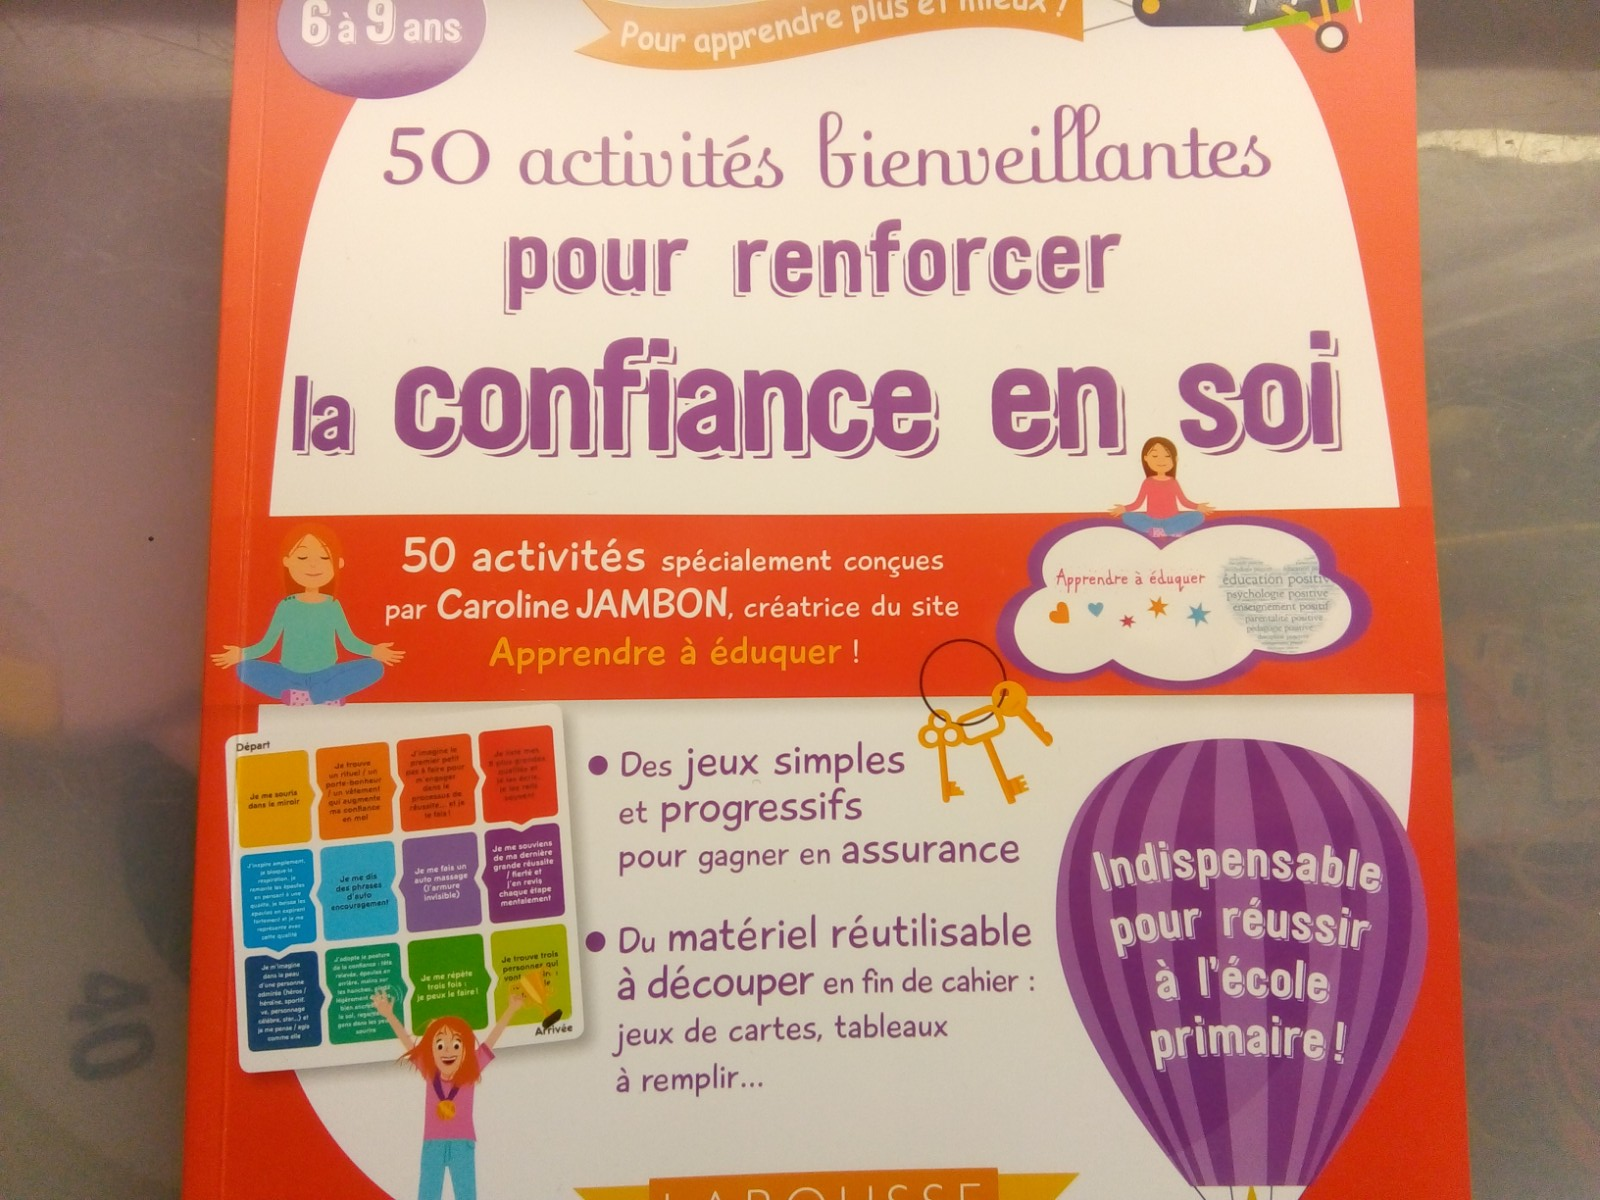 activités bienveillantes renforcer confiance en soi enfants